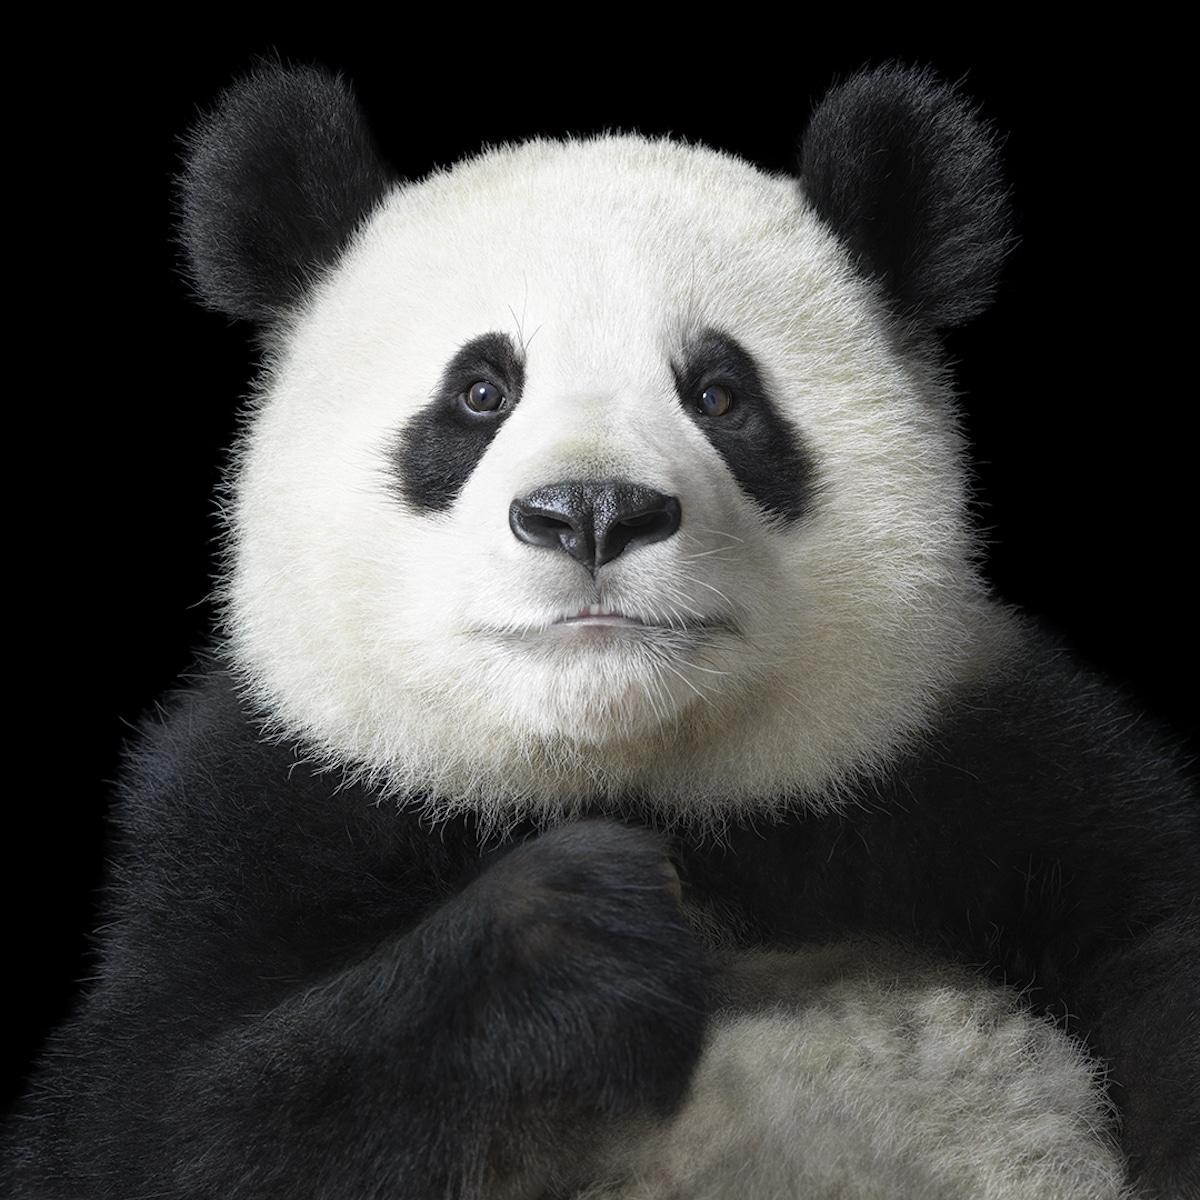 Zdjęcie pandy na czarnym tle